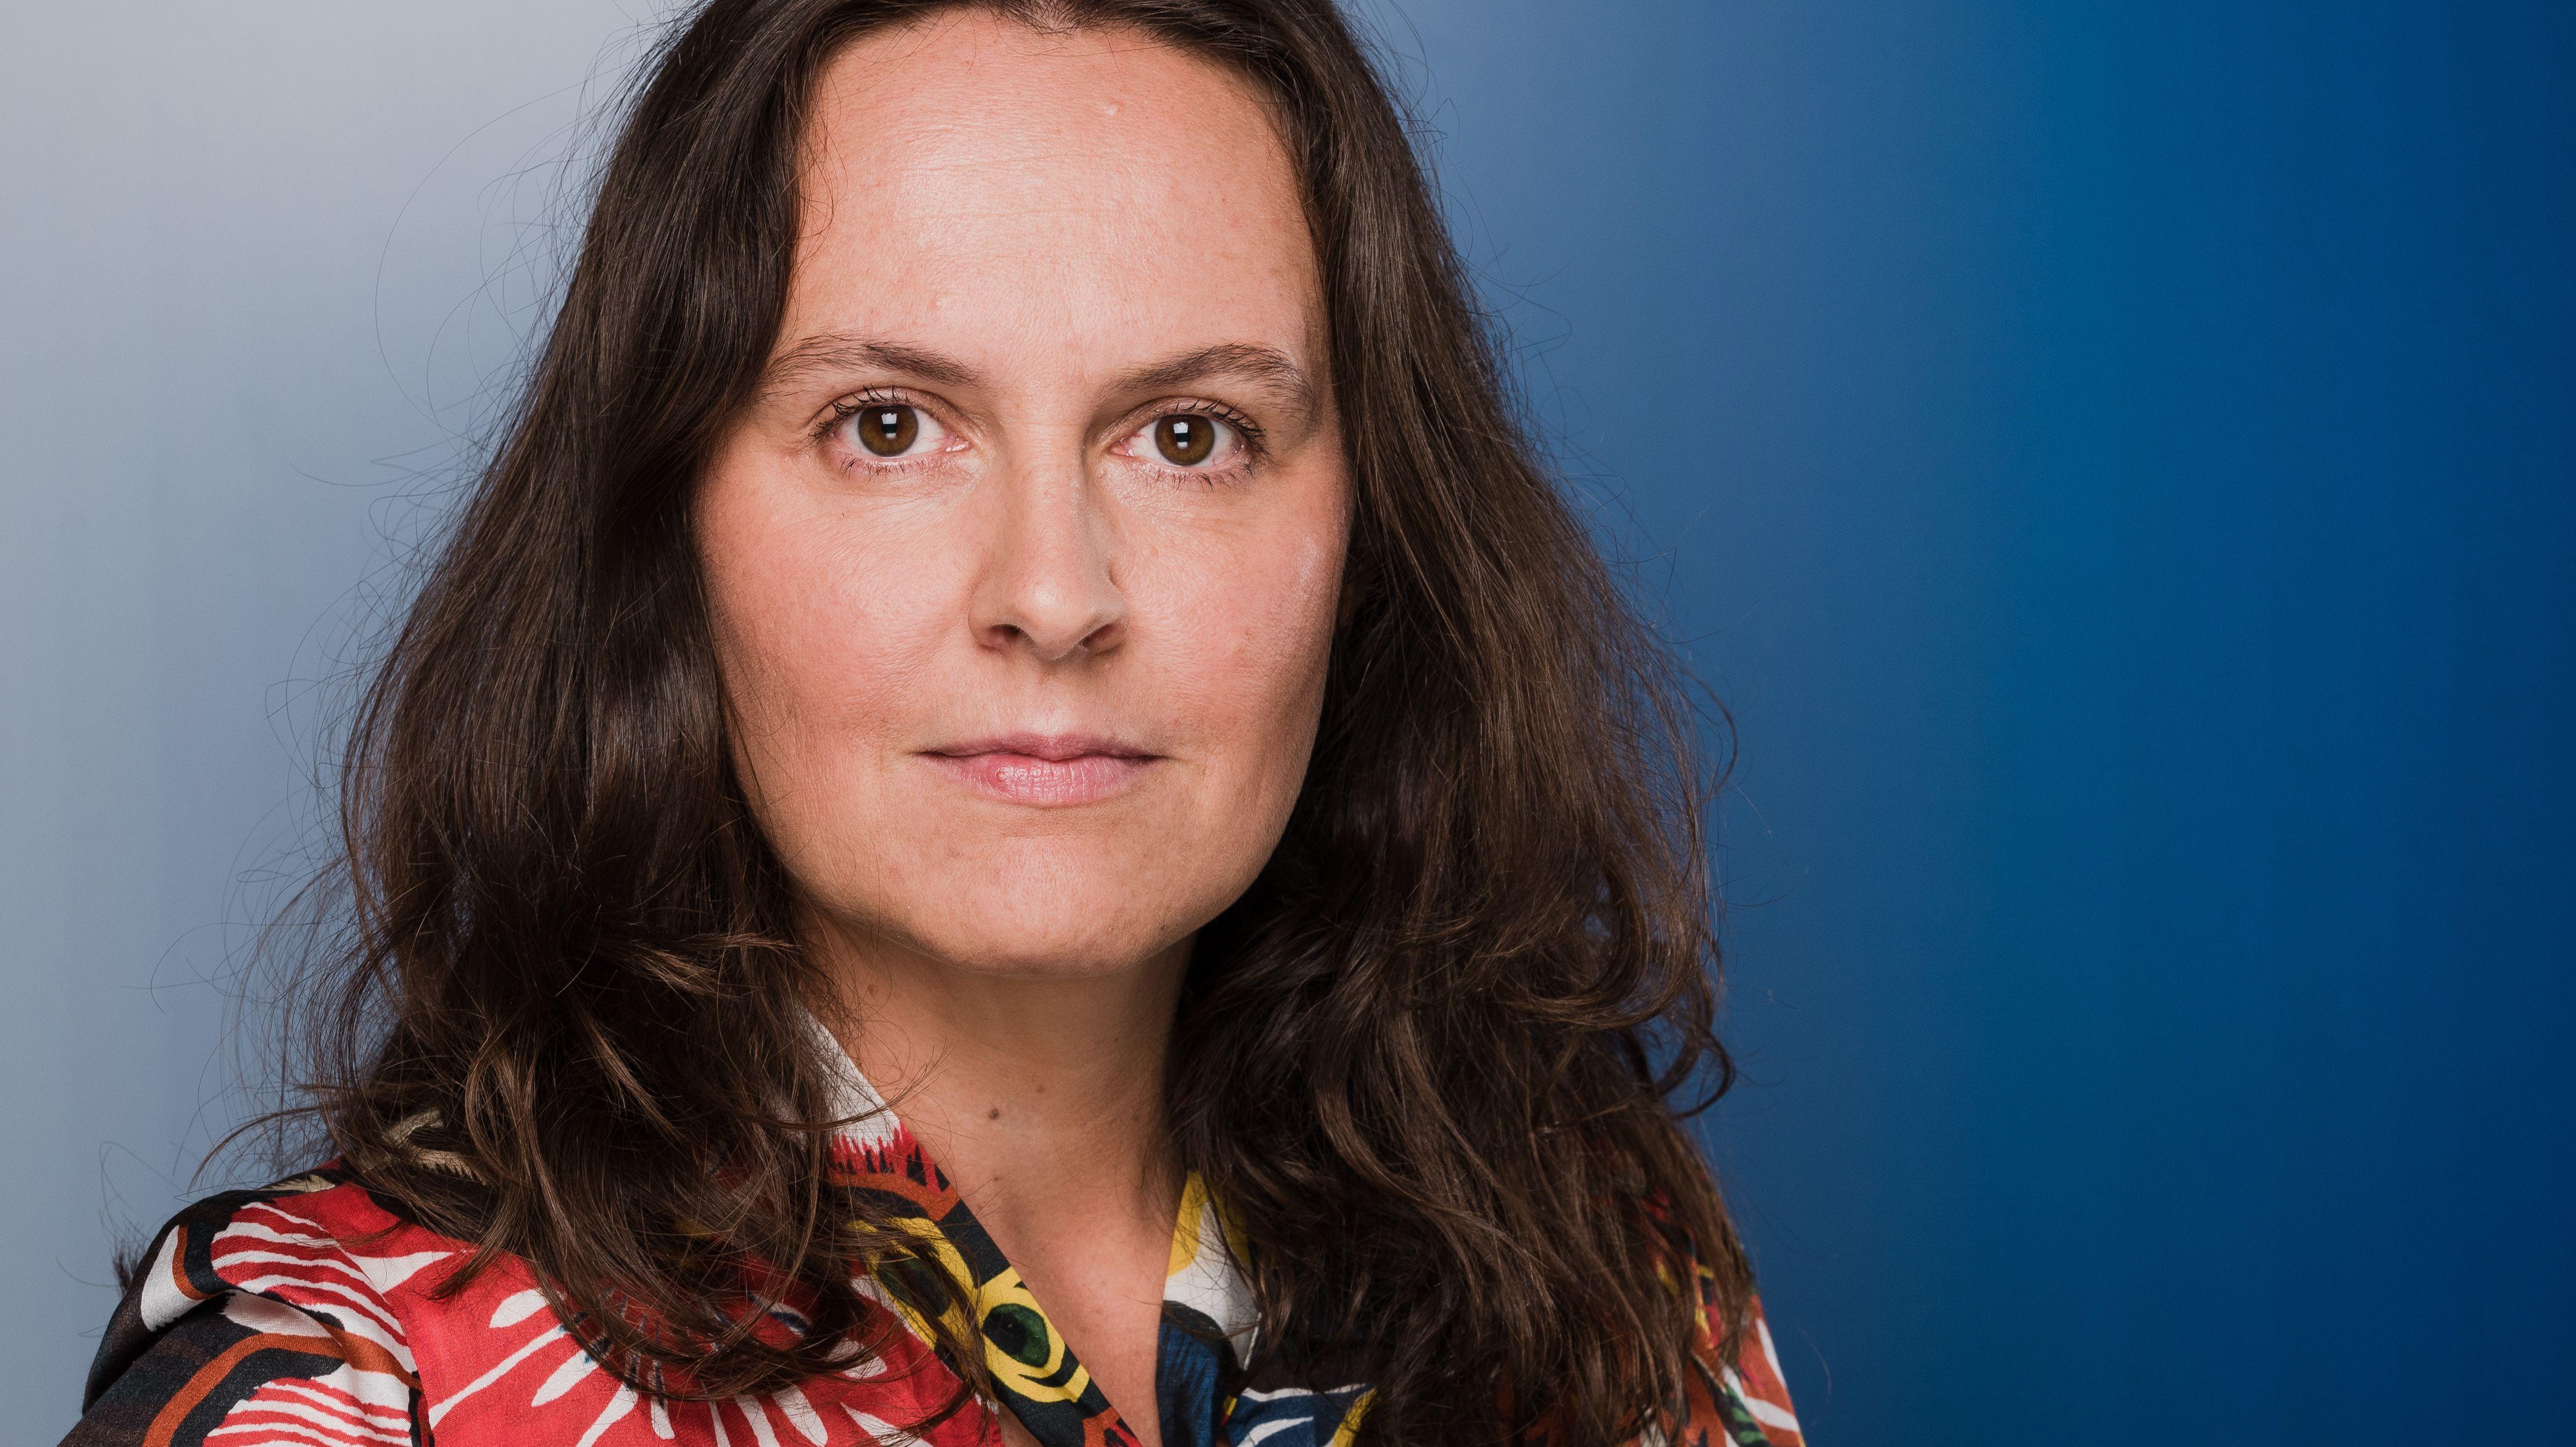 Autorin Jana Hensel blickt vor blauem Hintergrund in die Kamera